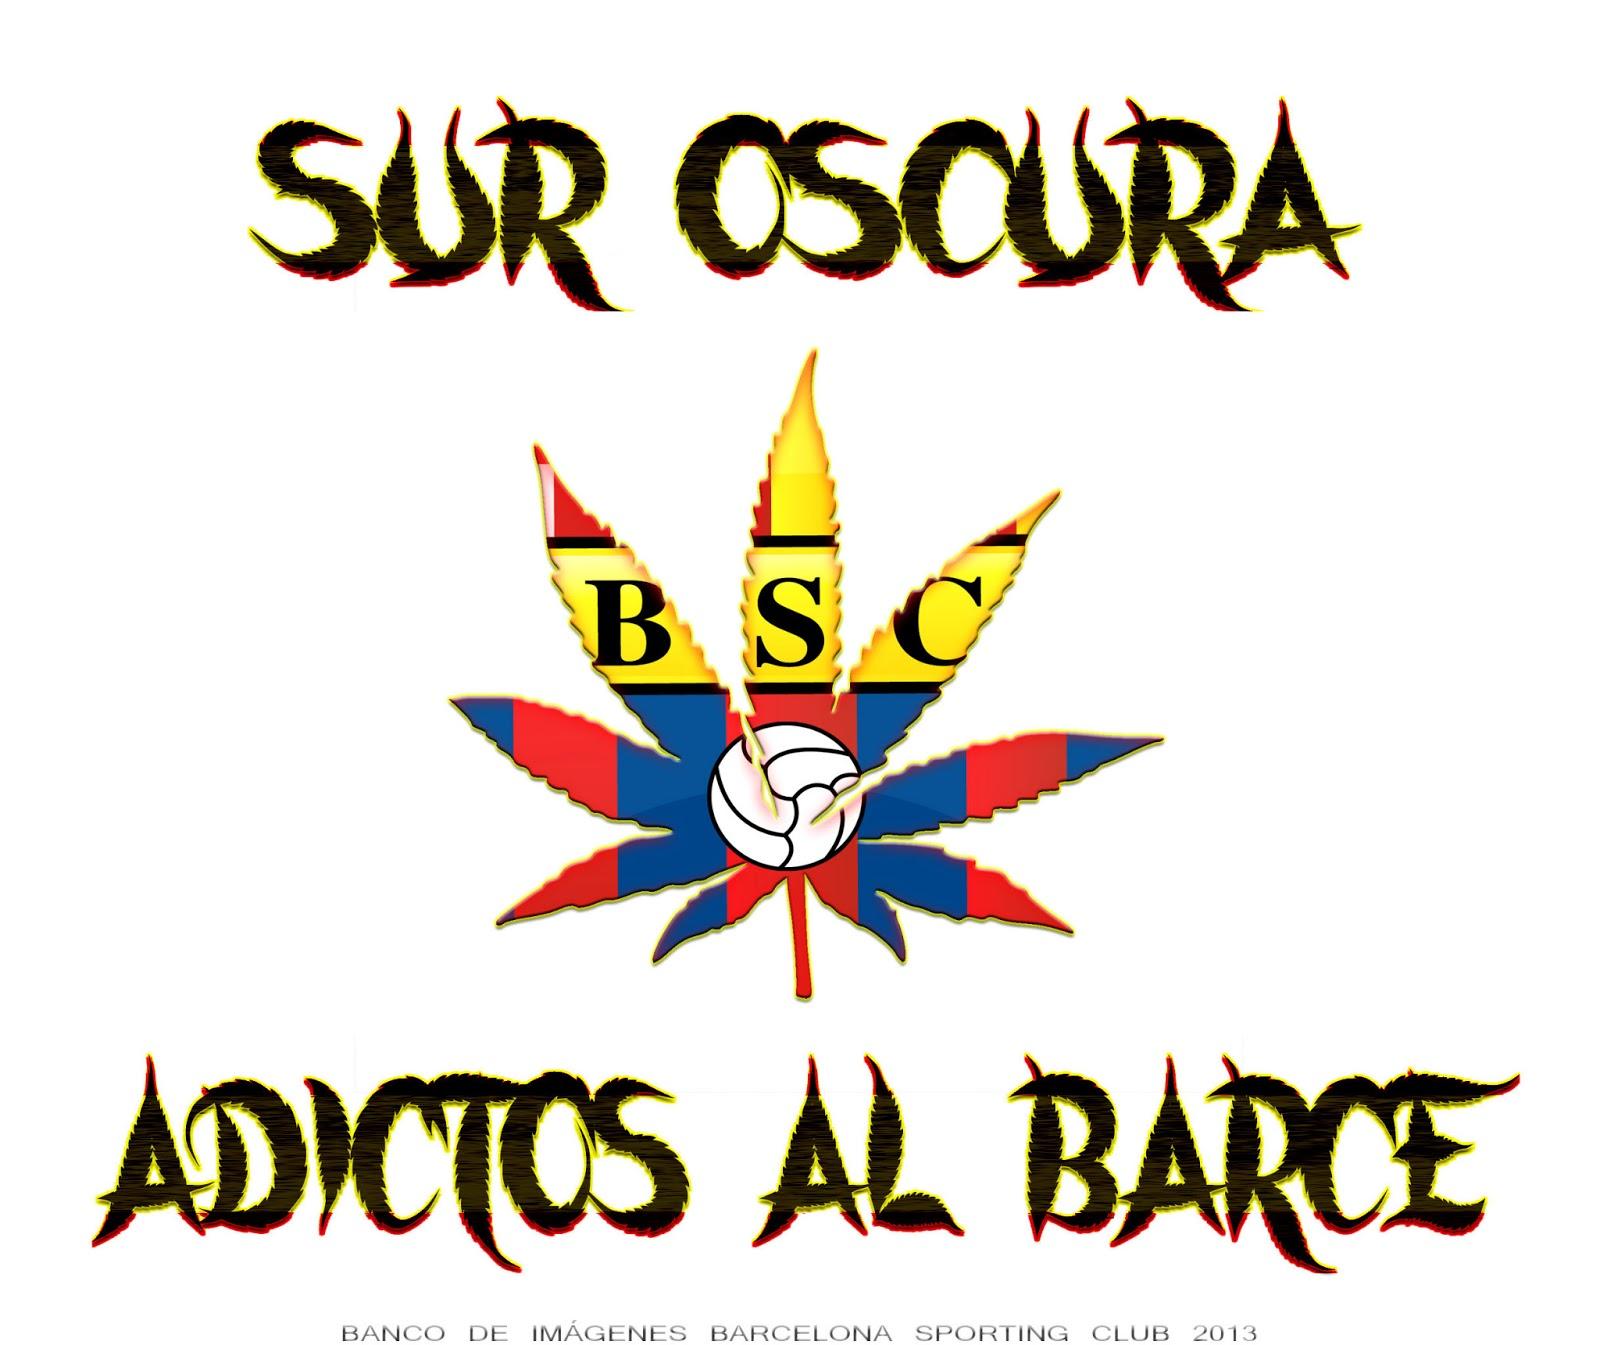 OSCURA ADICTOS AL BARCE   Banco de Imagenes de Barcelona Sporting Club